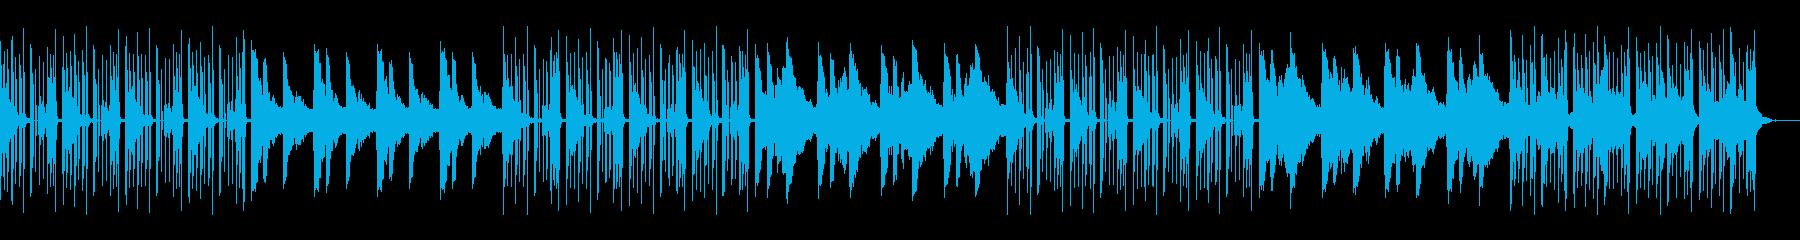 クールでミステリアスなヒップホップ風リフの再生済みの波形